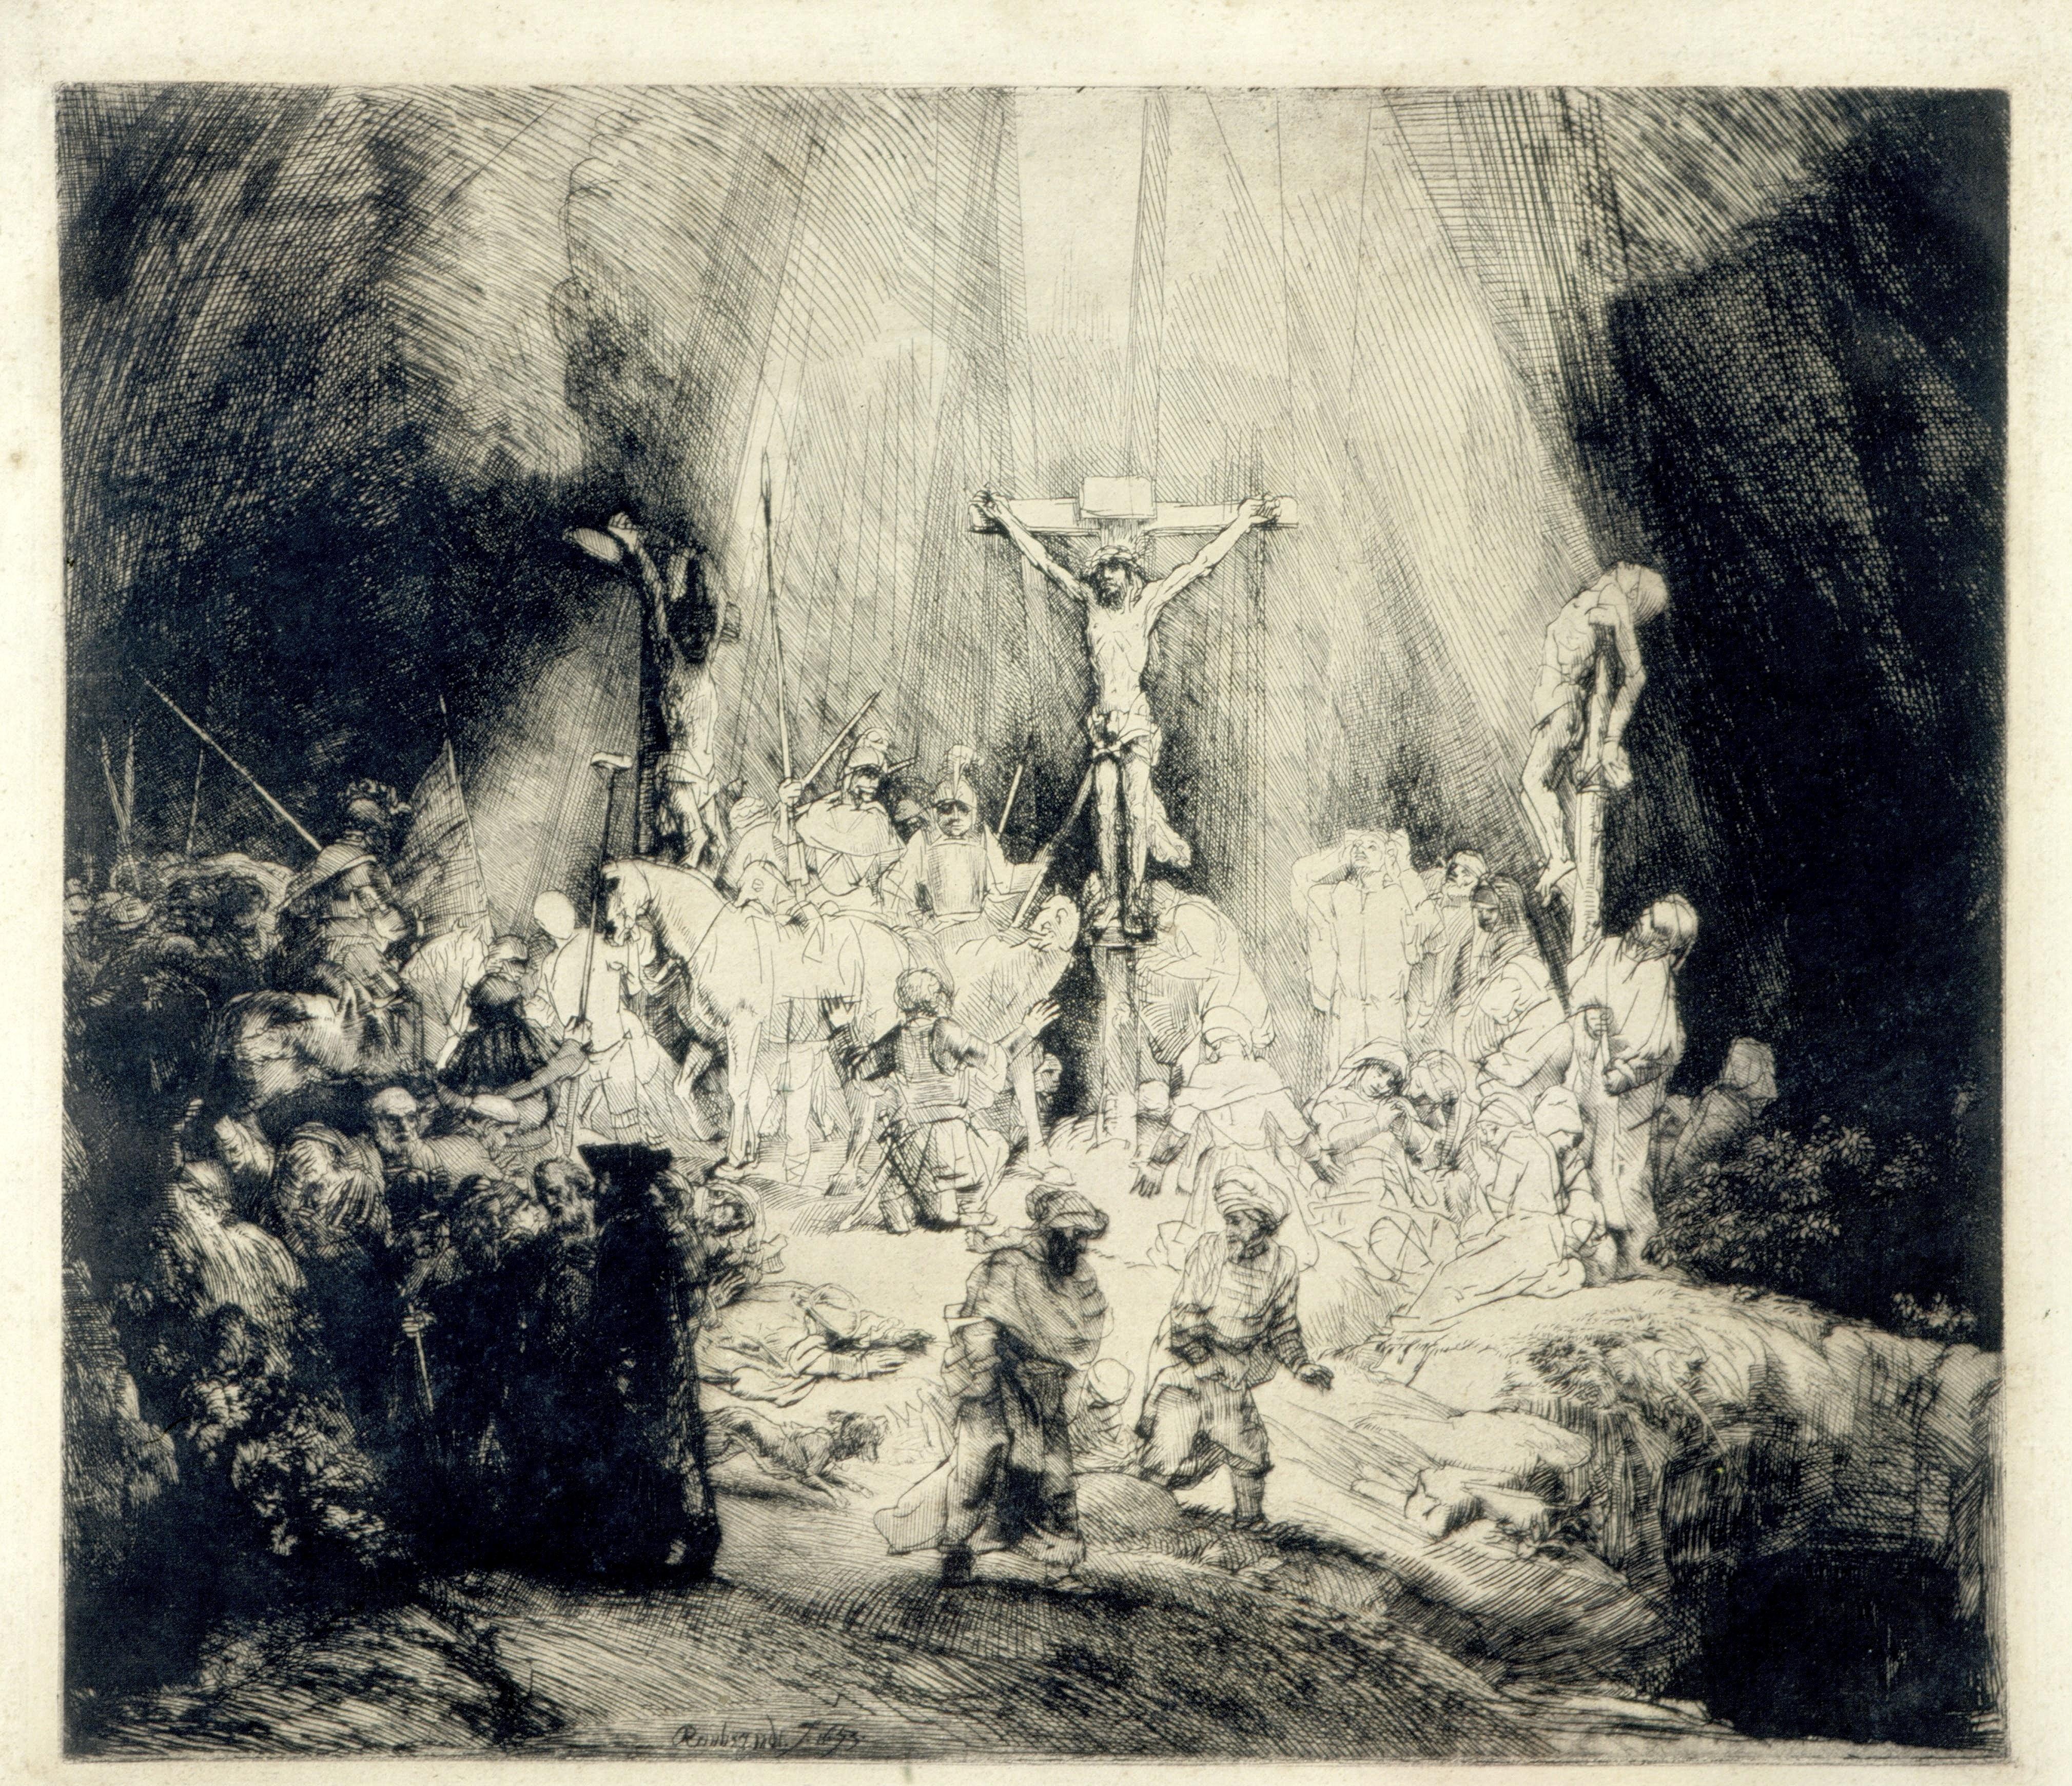 File:Rembrandt - As três cruzes, 1653.jpg